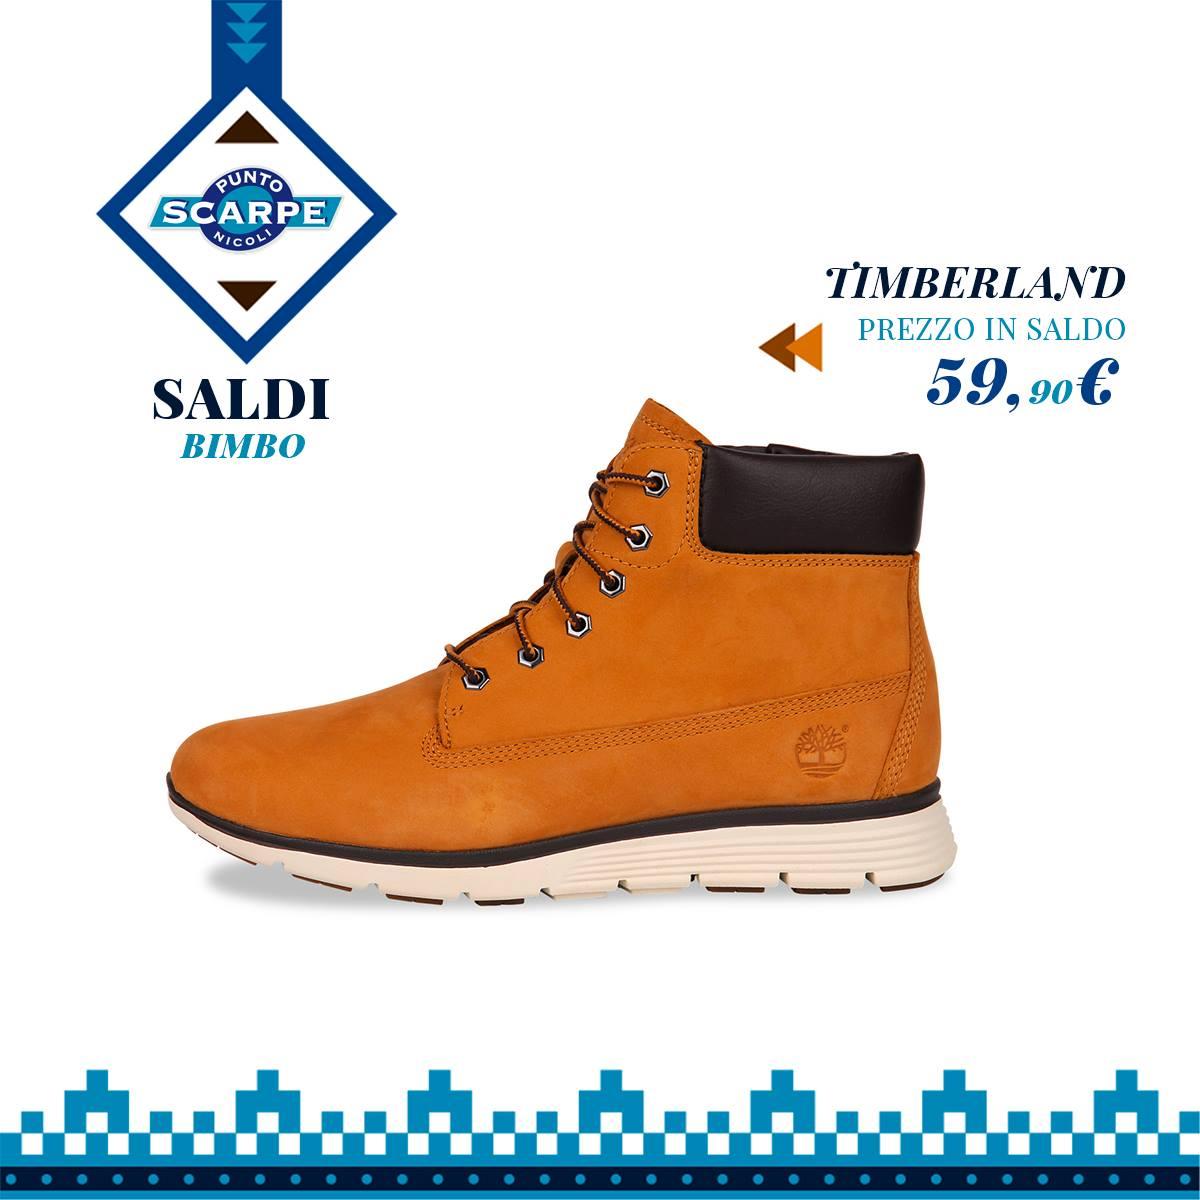 timberland scarpa bimbo